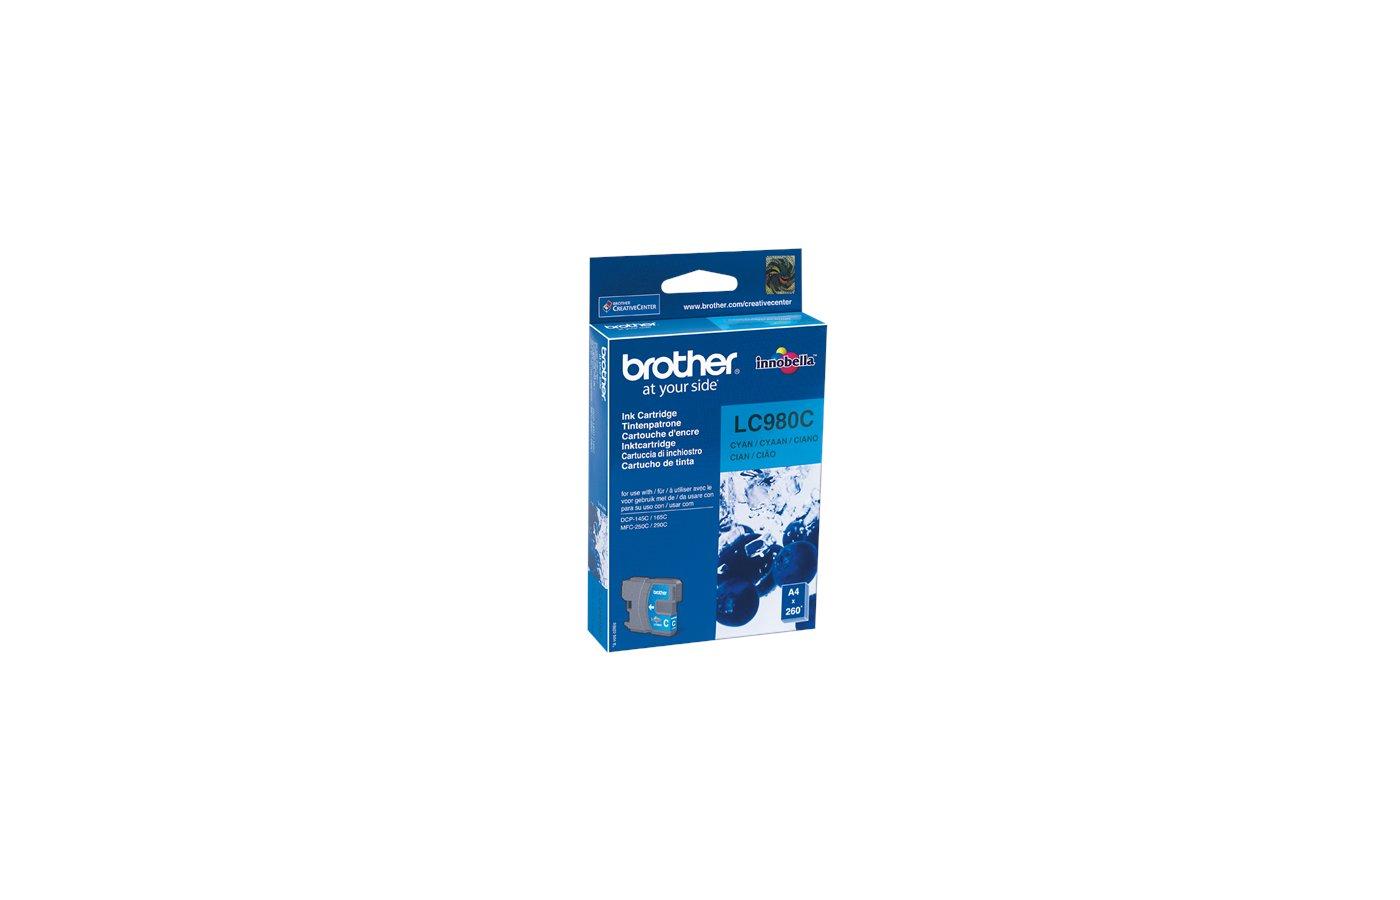 Картридж струйный Brother LC980 голубой для DCP-145C, DCP-165C, DCP-195C, DCP-375CW (260 стр.)